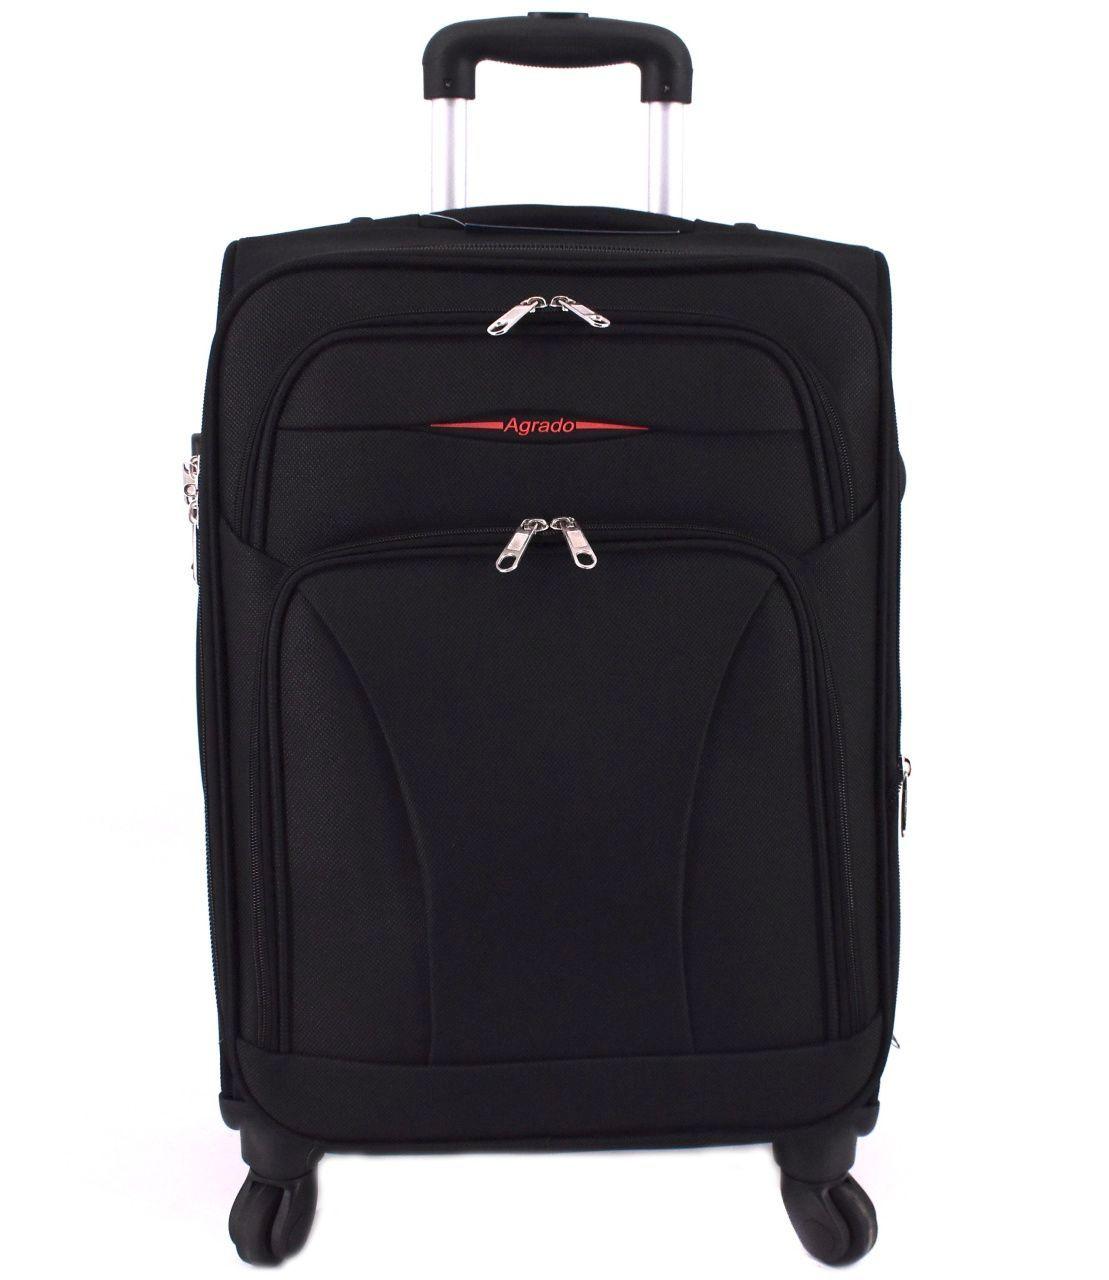 Cestovní textilní kufr na čtyřech kolečkách Agrado (M) 80l - černá 8021 (M)